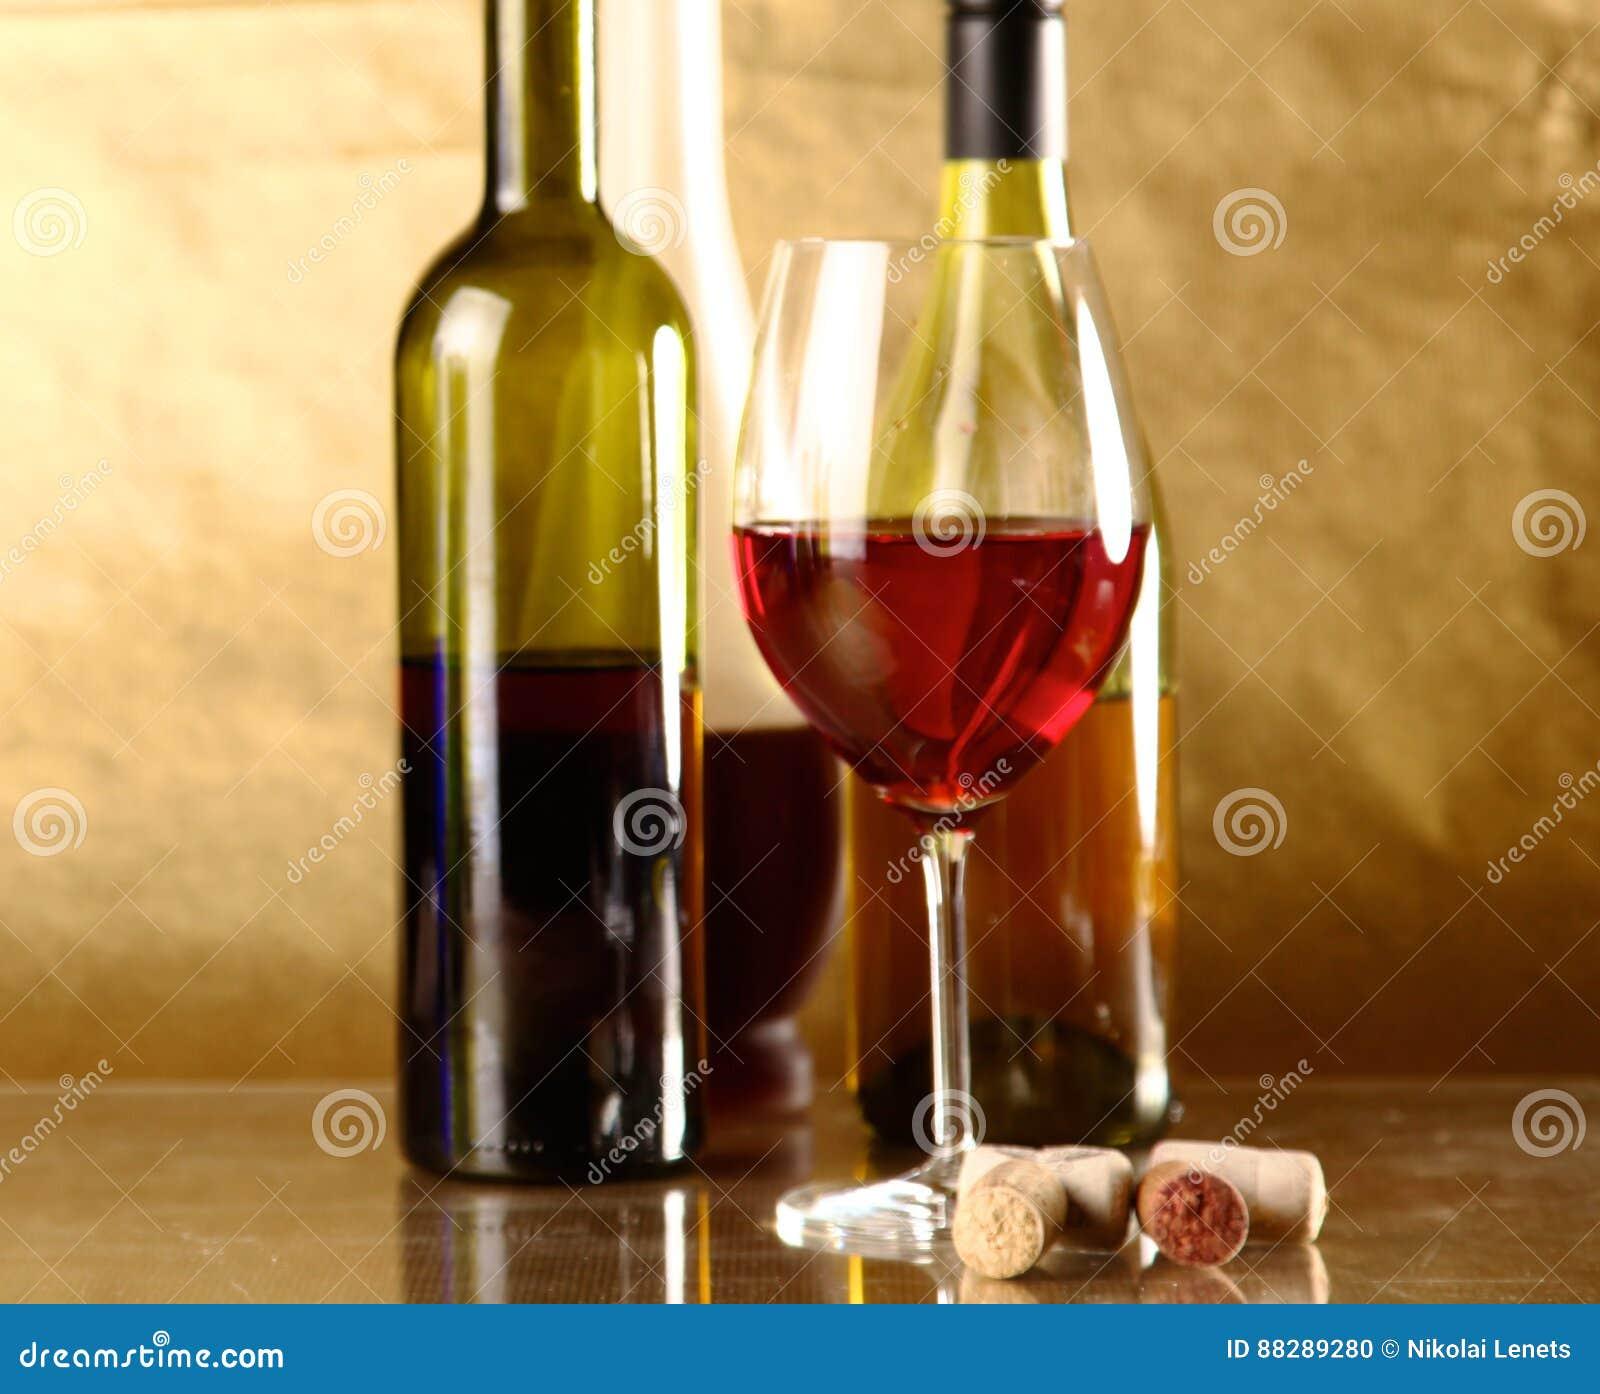 Μπουκάλι του κρασιού και του γυαλιού στον πίνακα